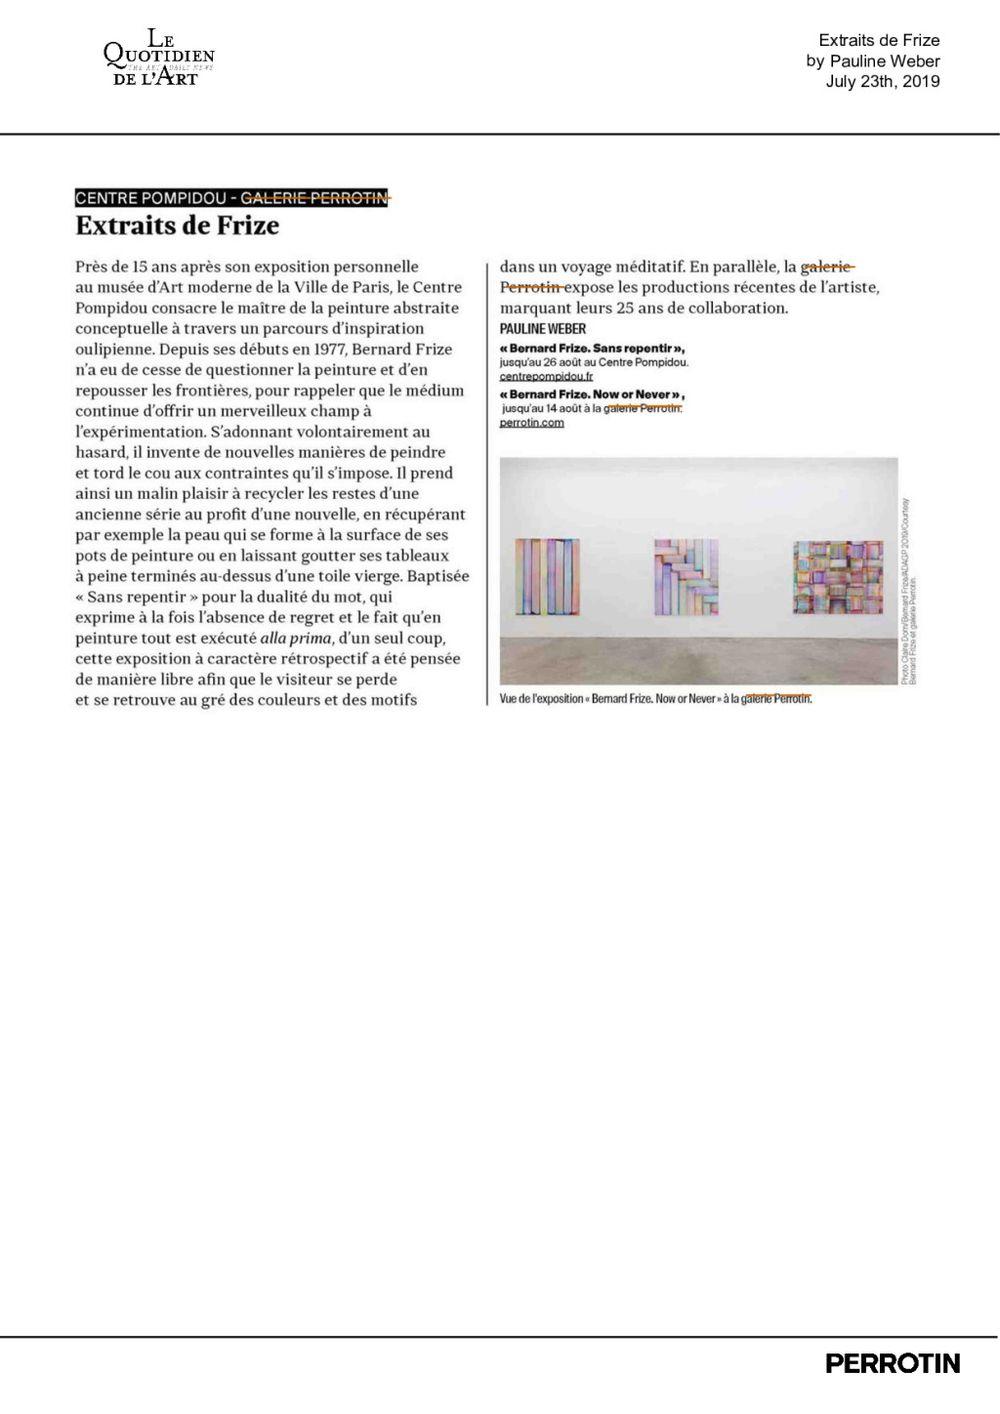 Le Quotidien de l'art | Bernard FRIZE